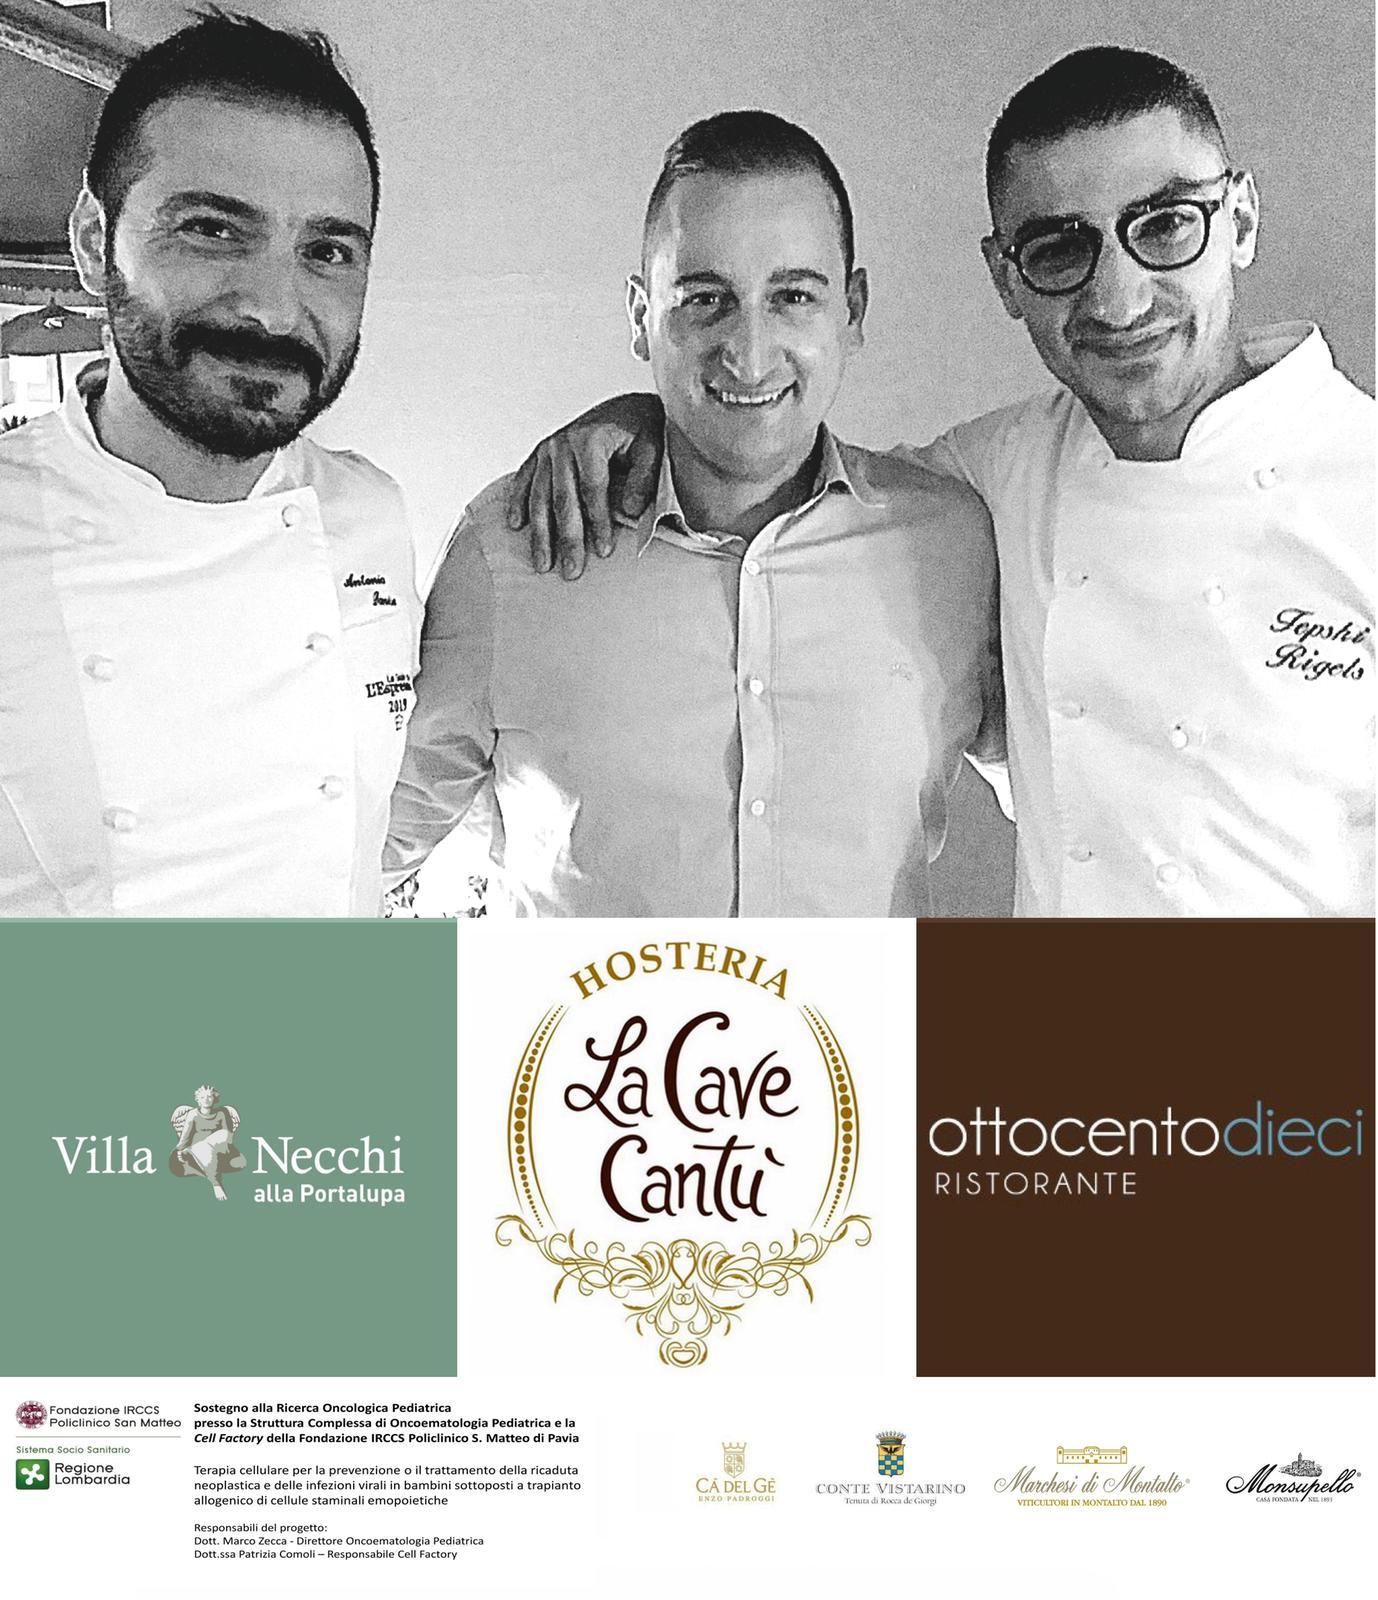 villa-necchi-cena-benefica-6-mani-la-cave-cantu